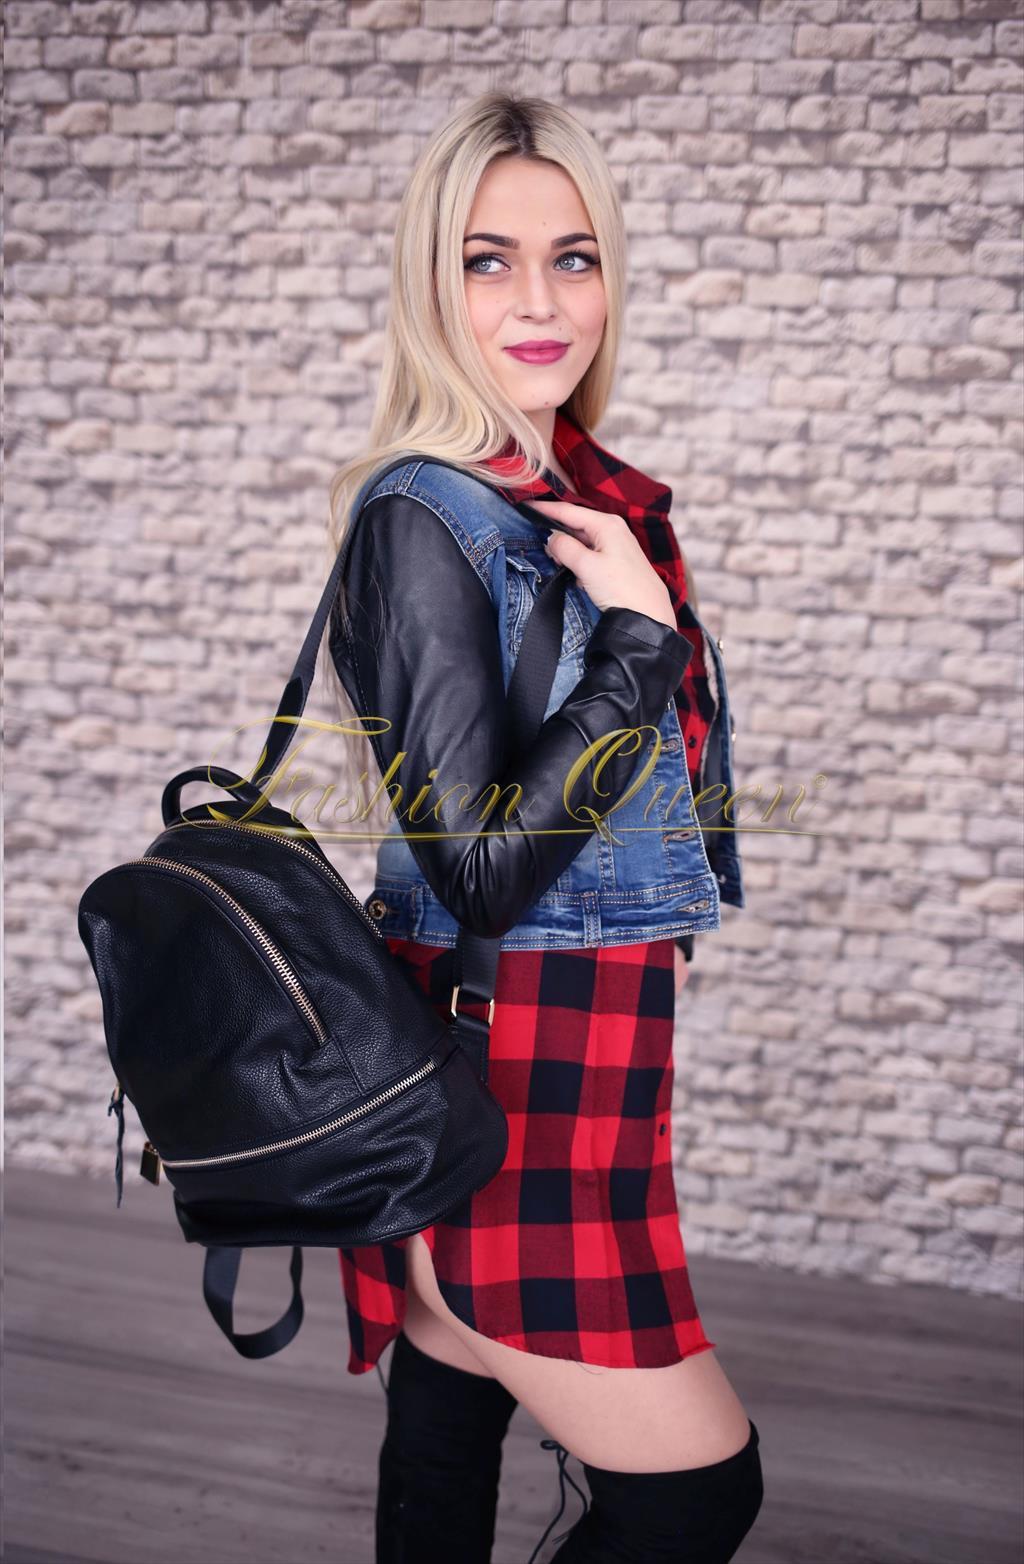 fe675000f59f Fashion Queen - Dámske oblečenie a móda - Dlhá károvaná košeľa